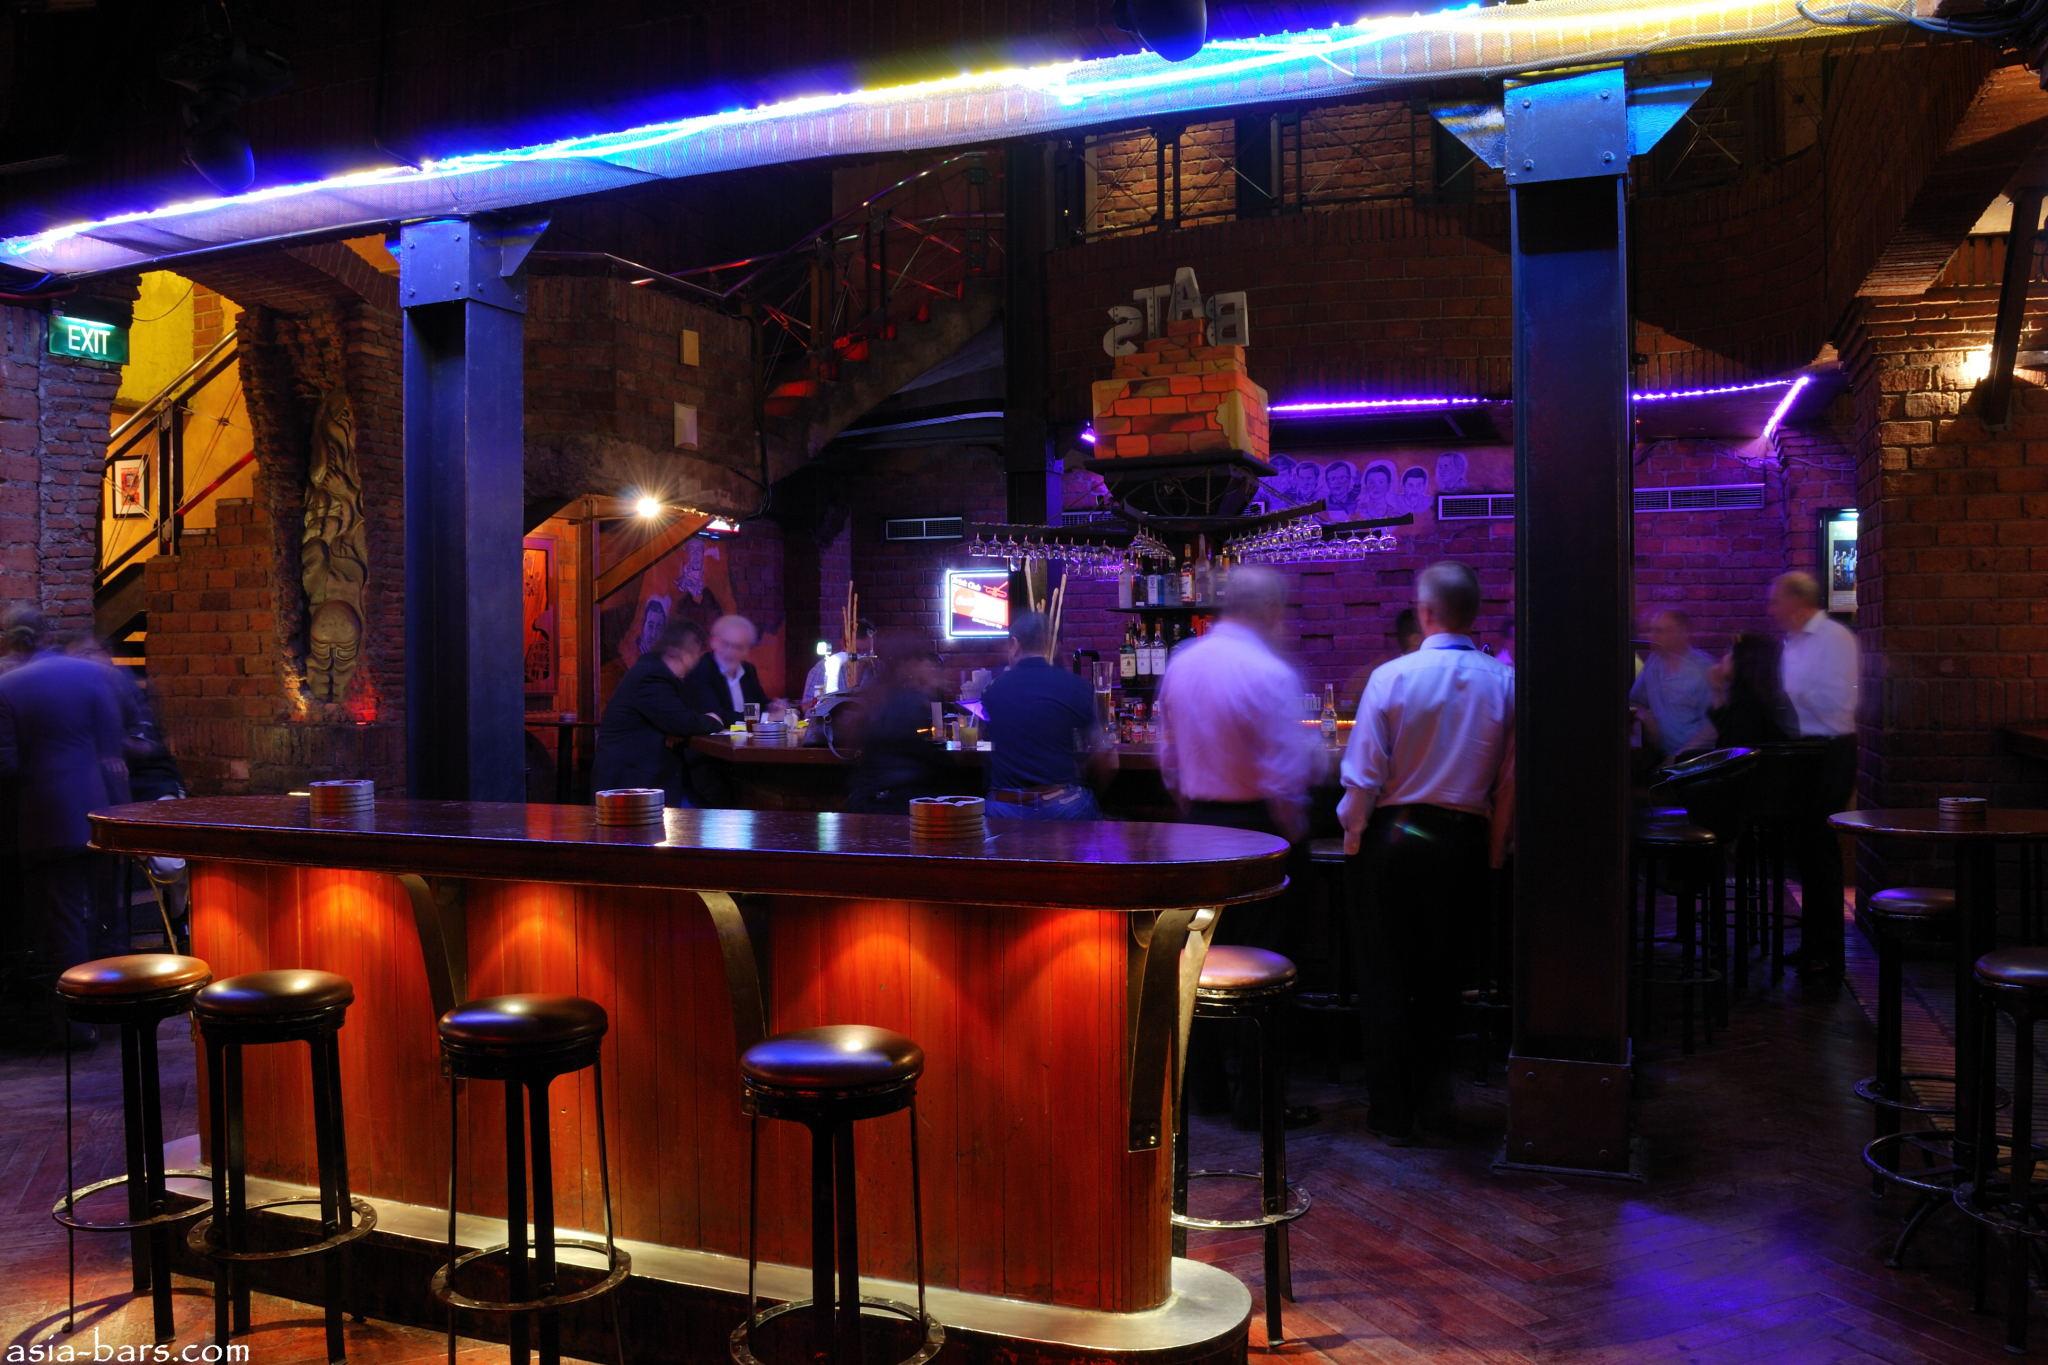 Bats bar girl escorts shangri la Hotel Reviews of Shangri-la Singapore Singapore Singapore - Page 1